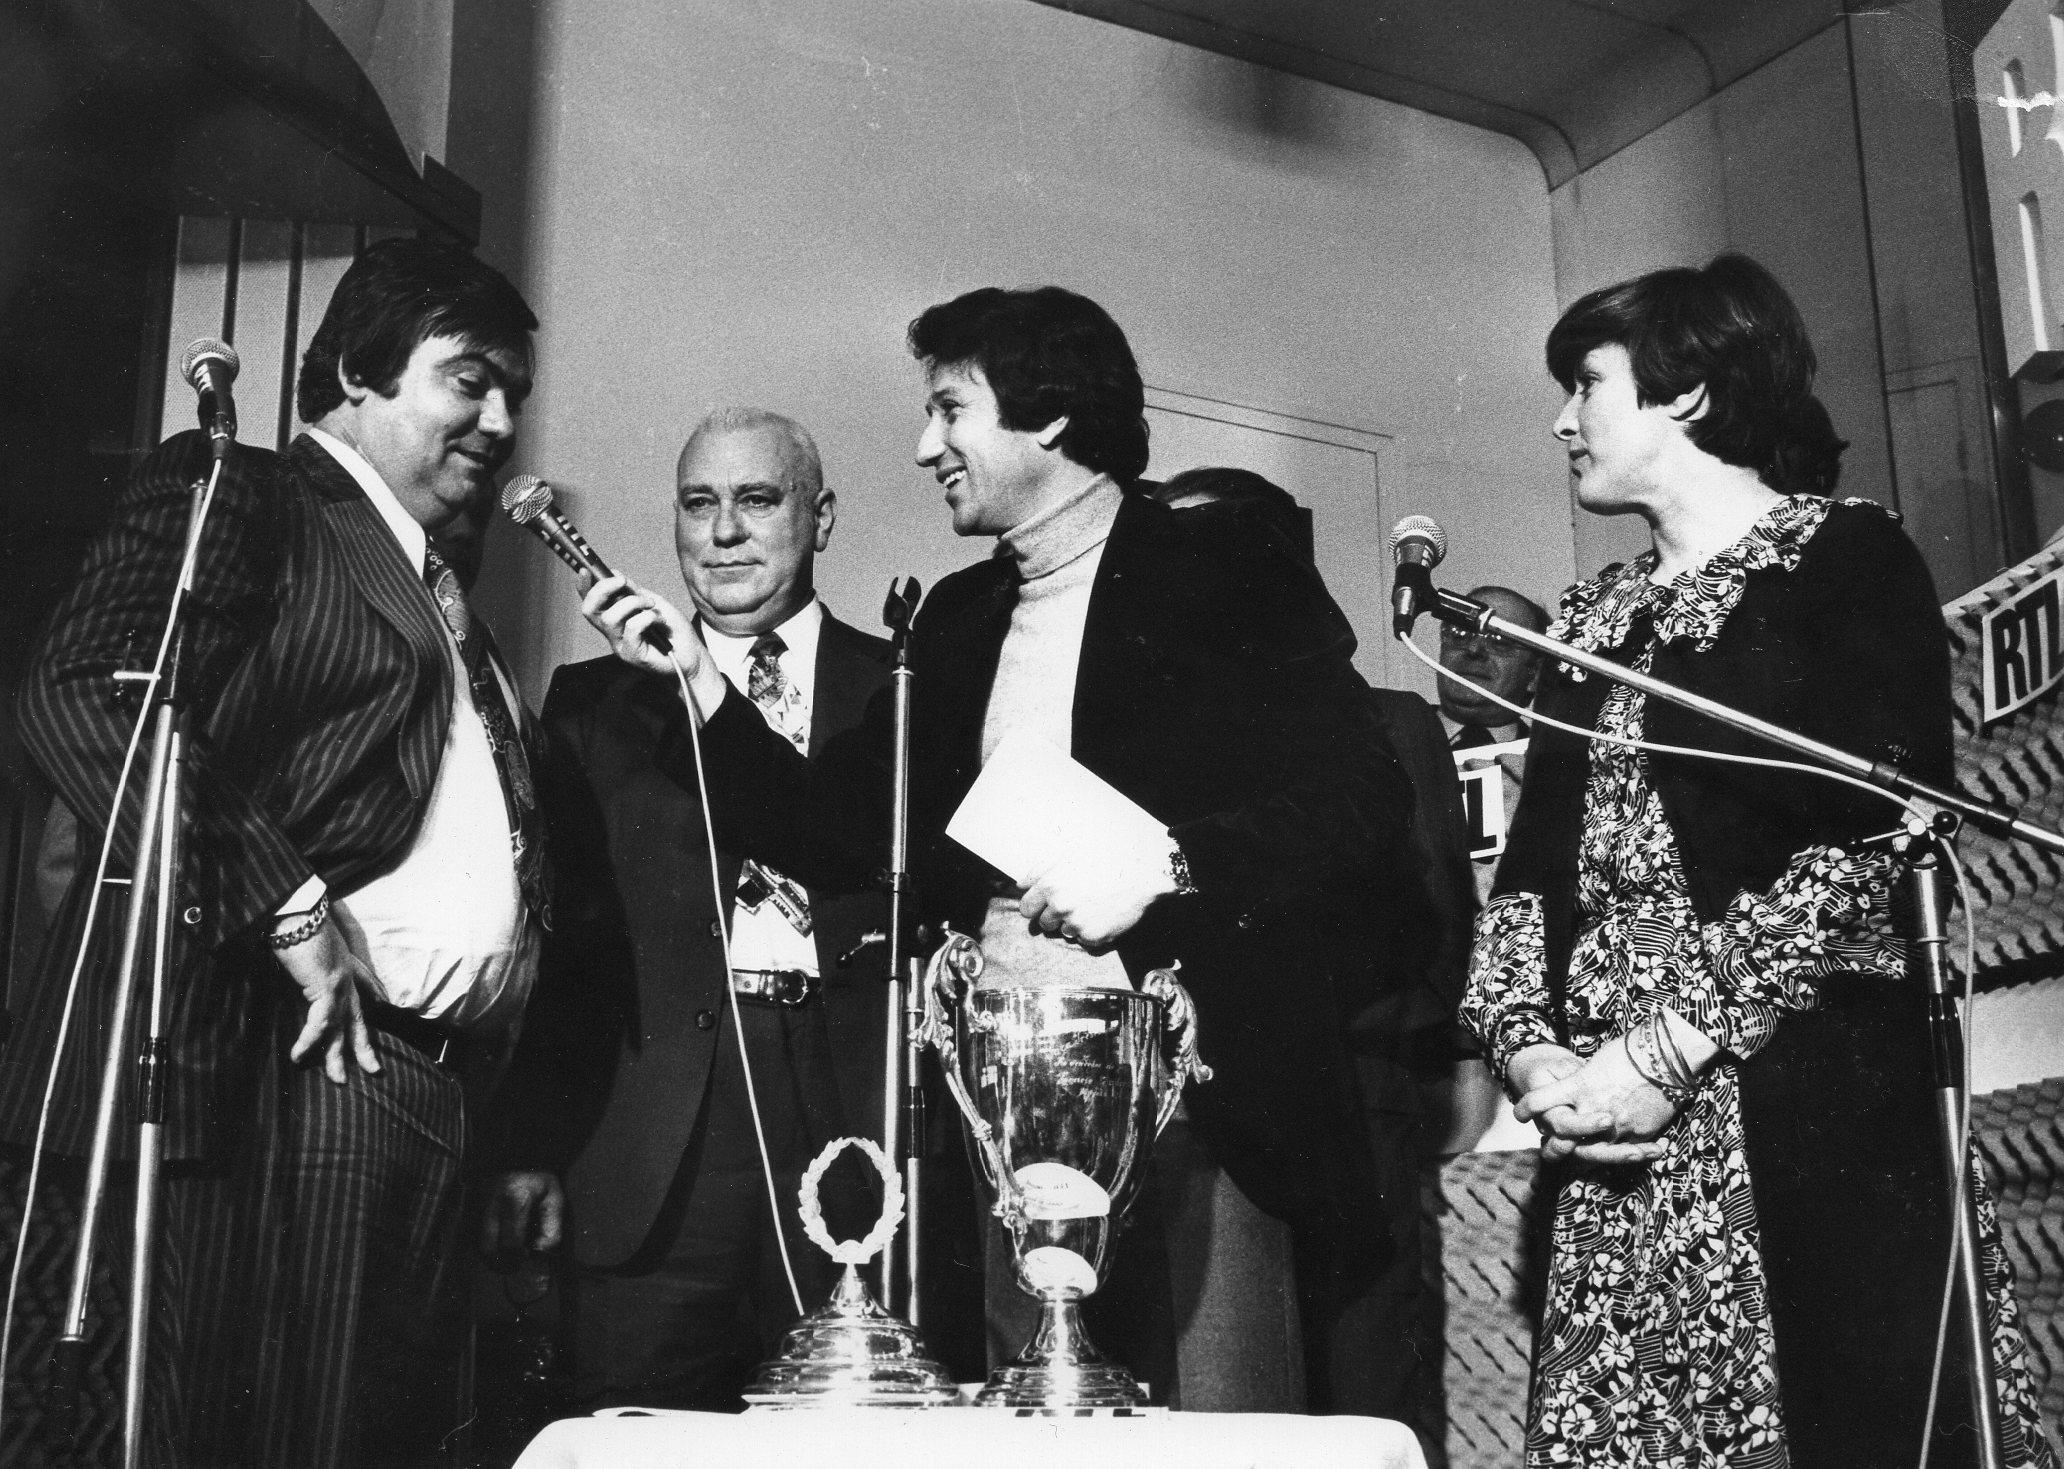 File tirage au sort de la coupe de france 1978 - Tirage au sort de la coupe de france ...